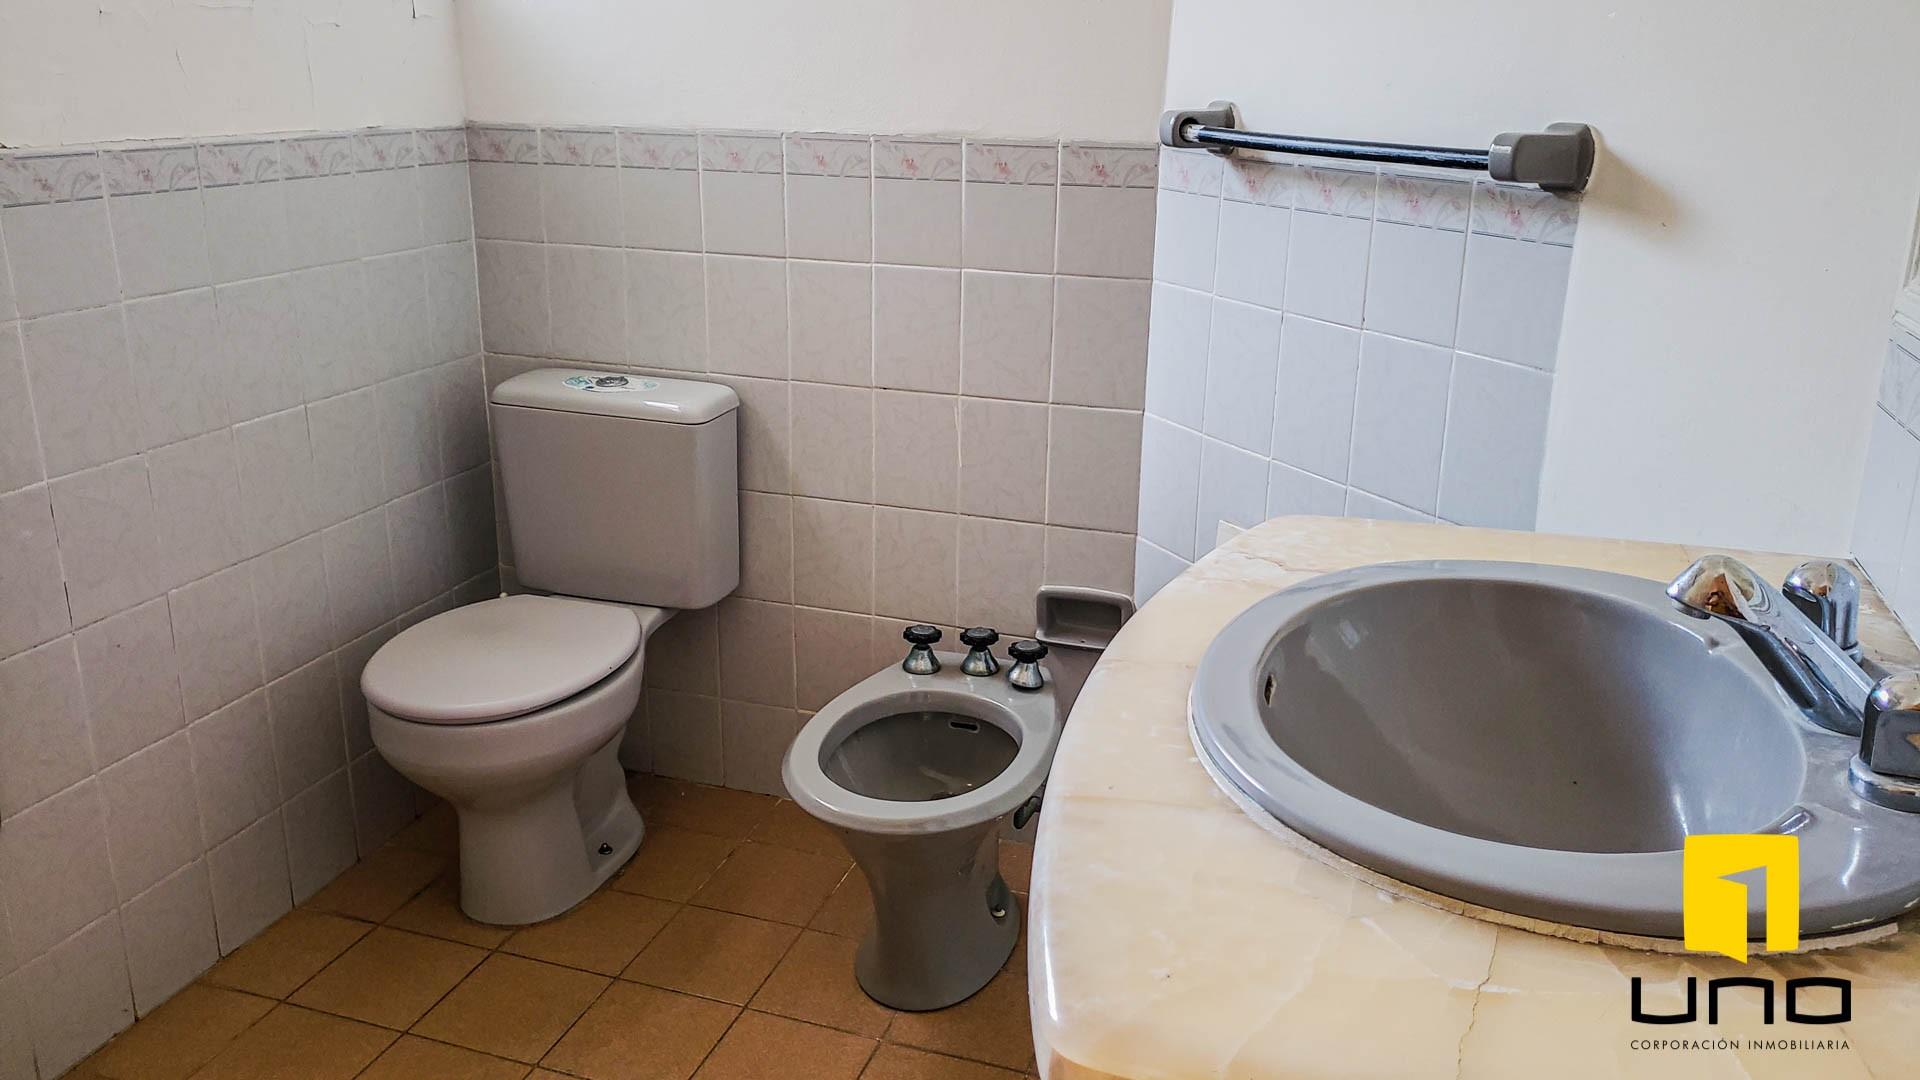 Casa en Venta $us 260.000 VENDO CASA BARRIO LAS PALMAS Foto 13